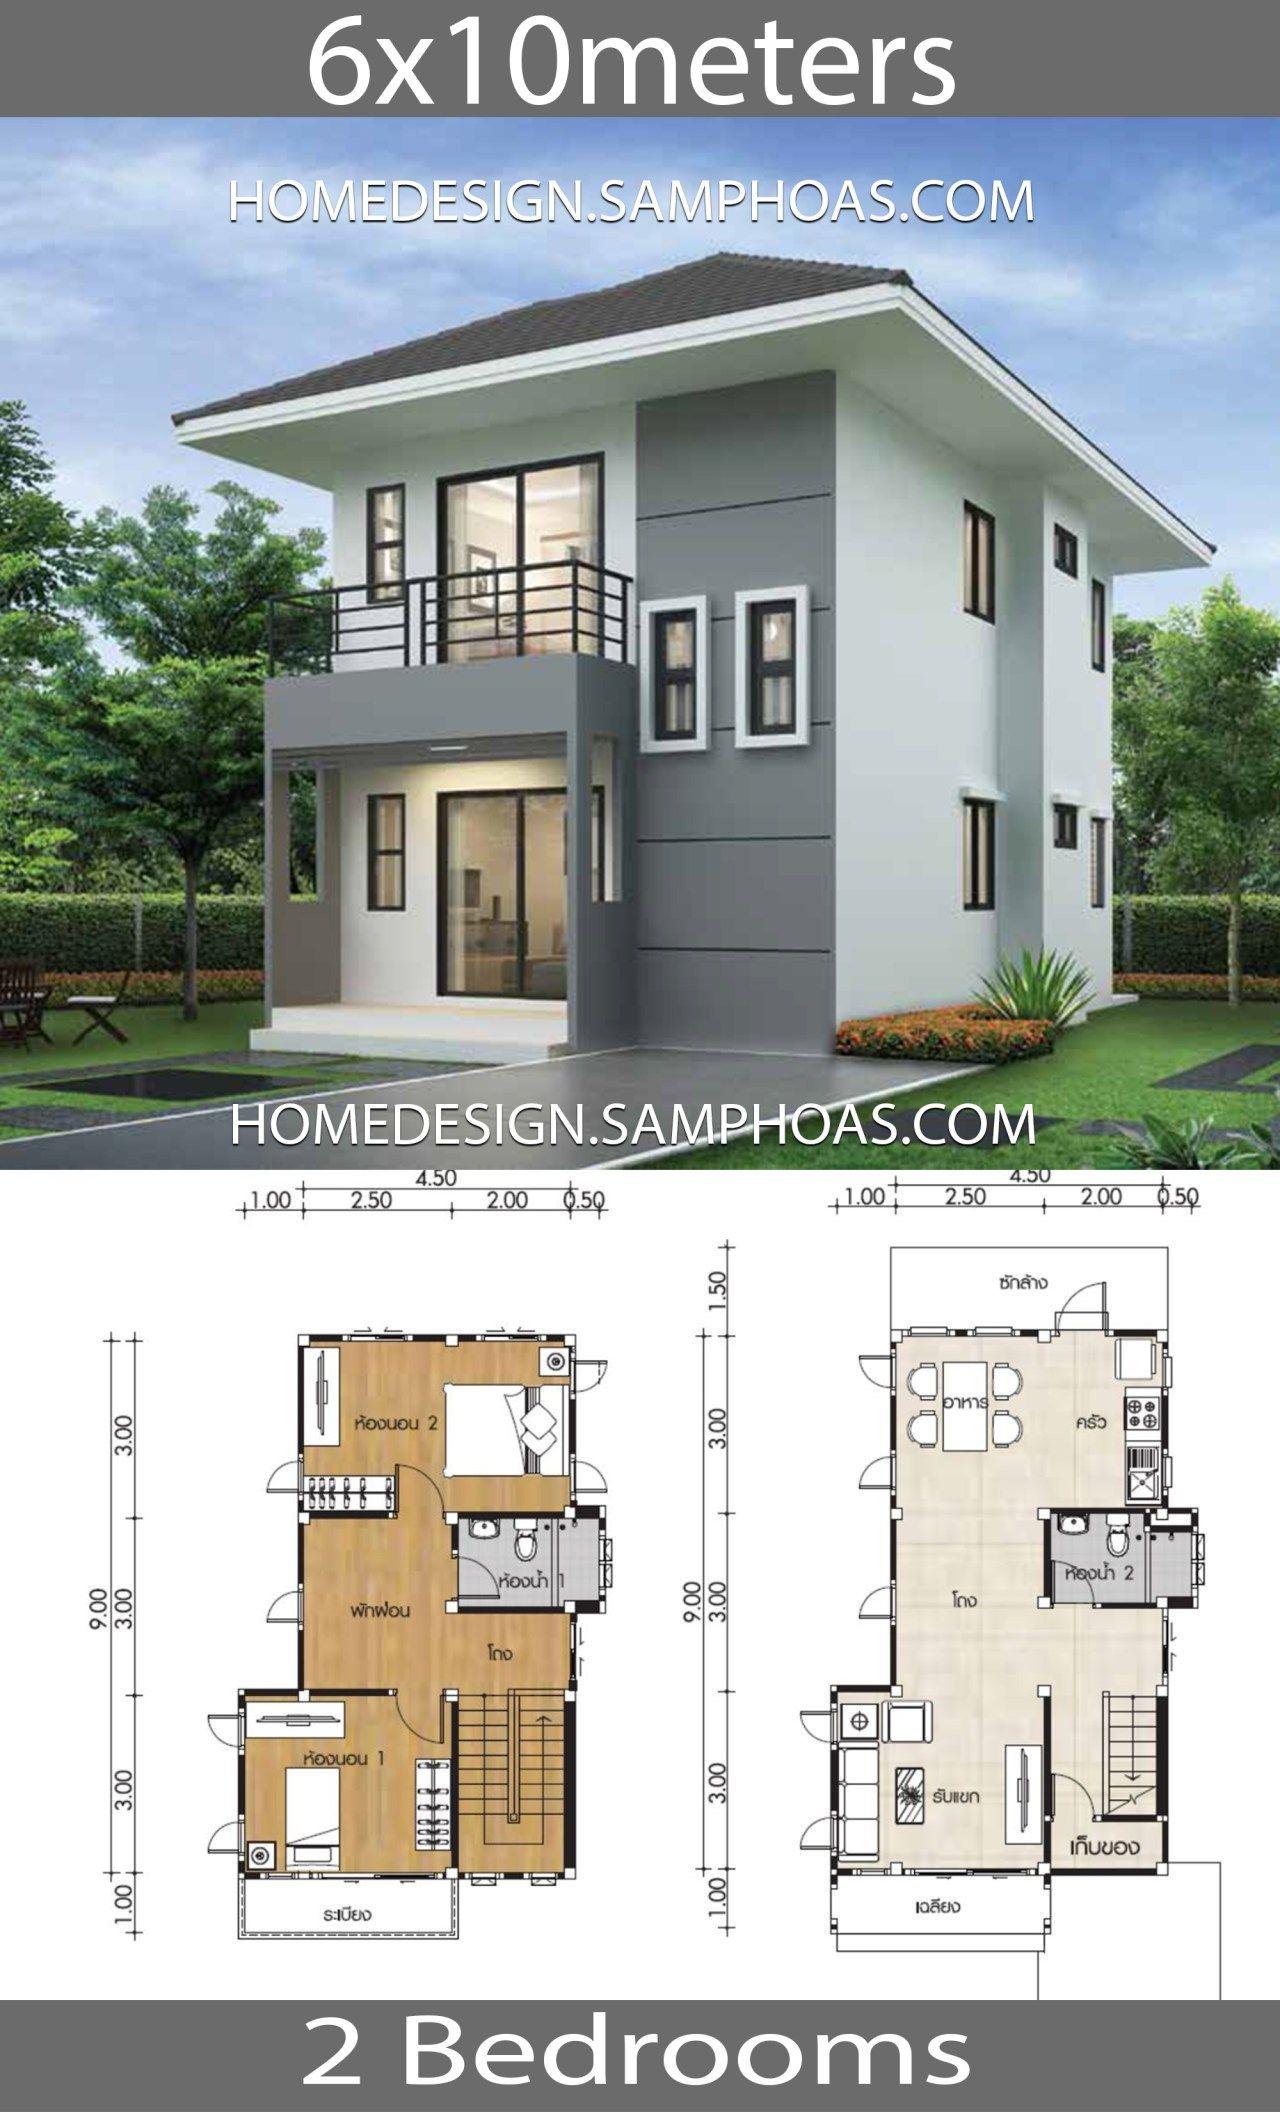 Small Home Design Plans 6x10m With 2 Bedrooms Evlerim Benim Ev Tasarim Planlari Tasarim Evler Ve Tasarim